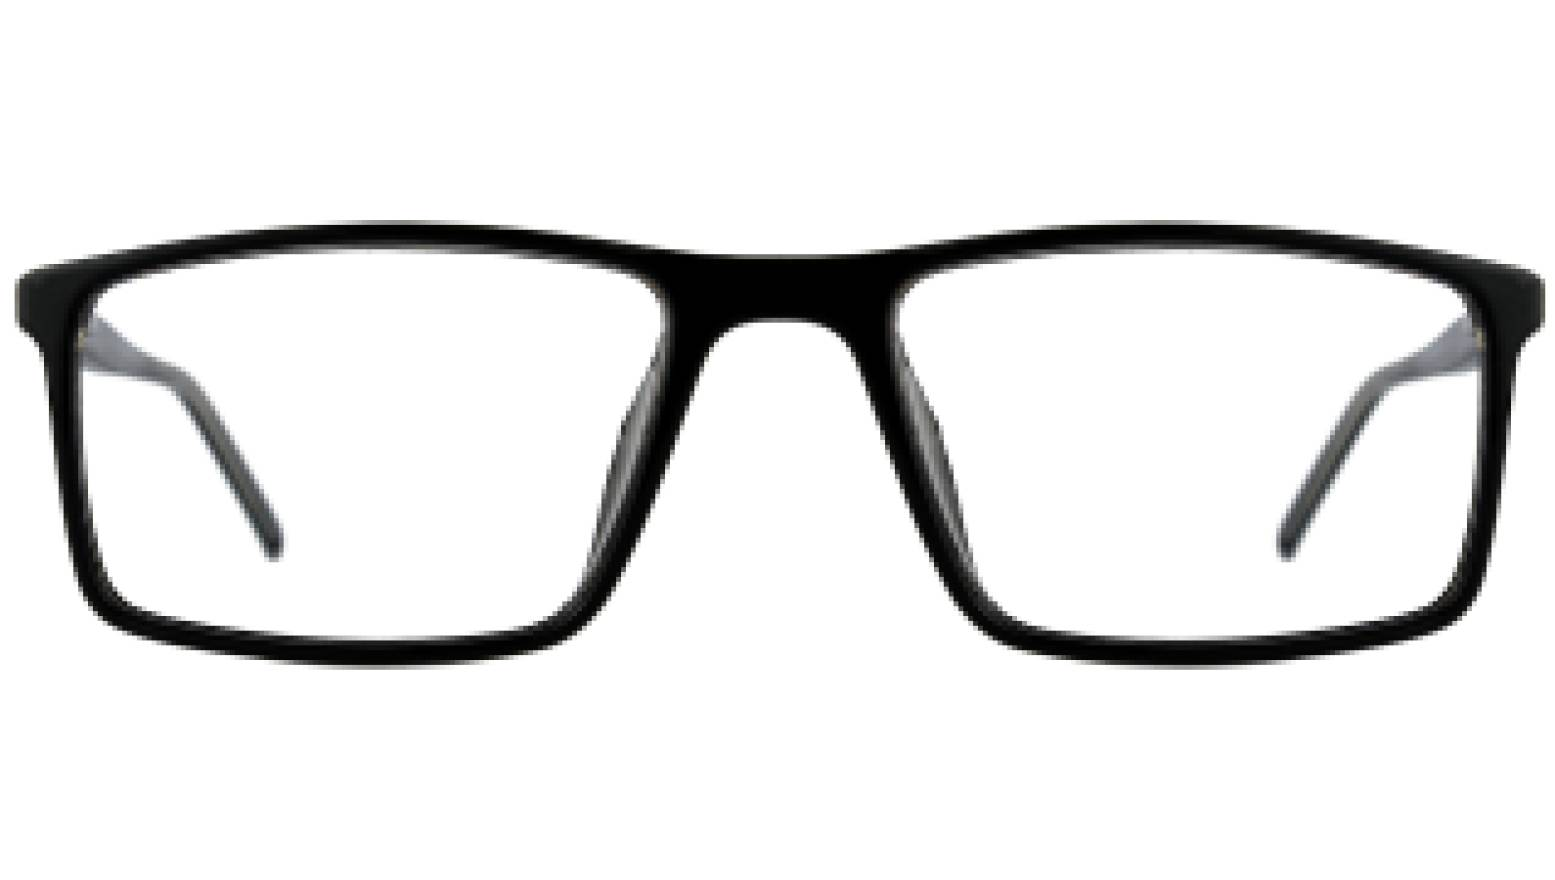 imagen miniatura frontal de la referencia 1001531